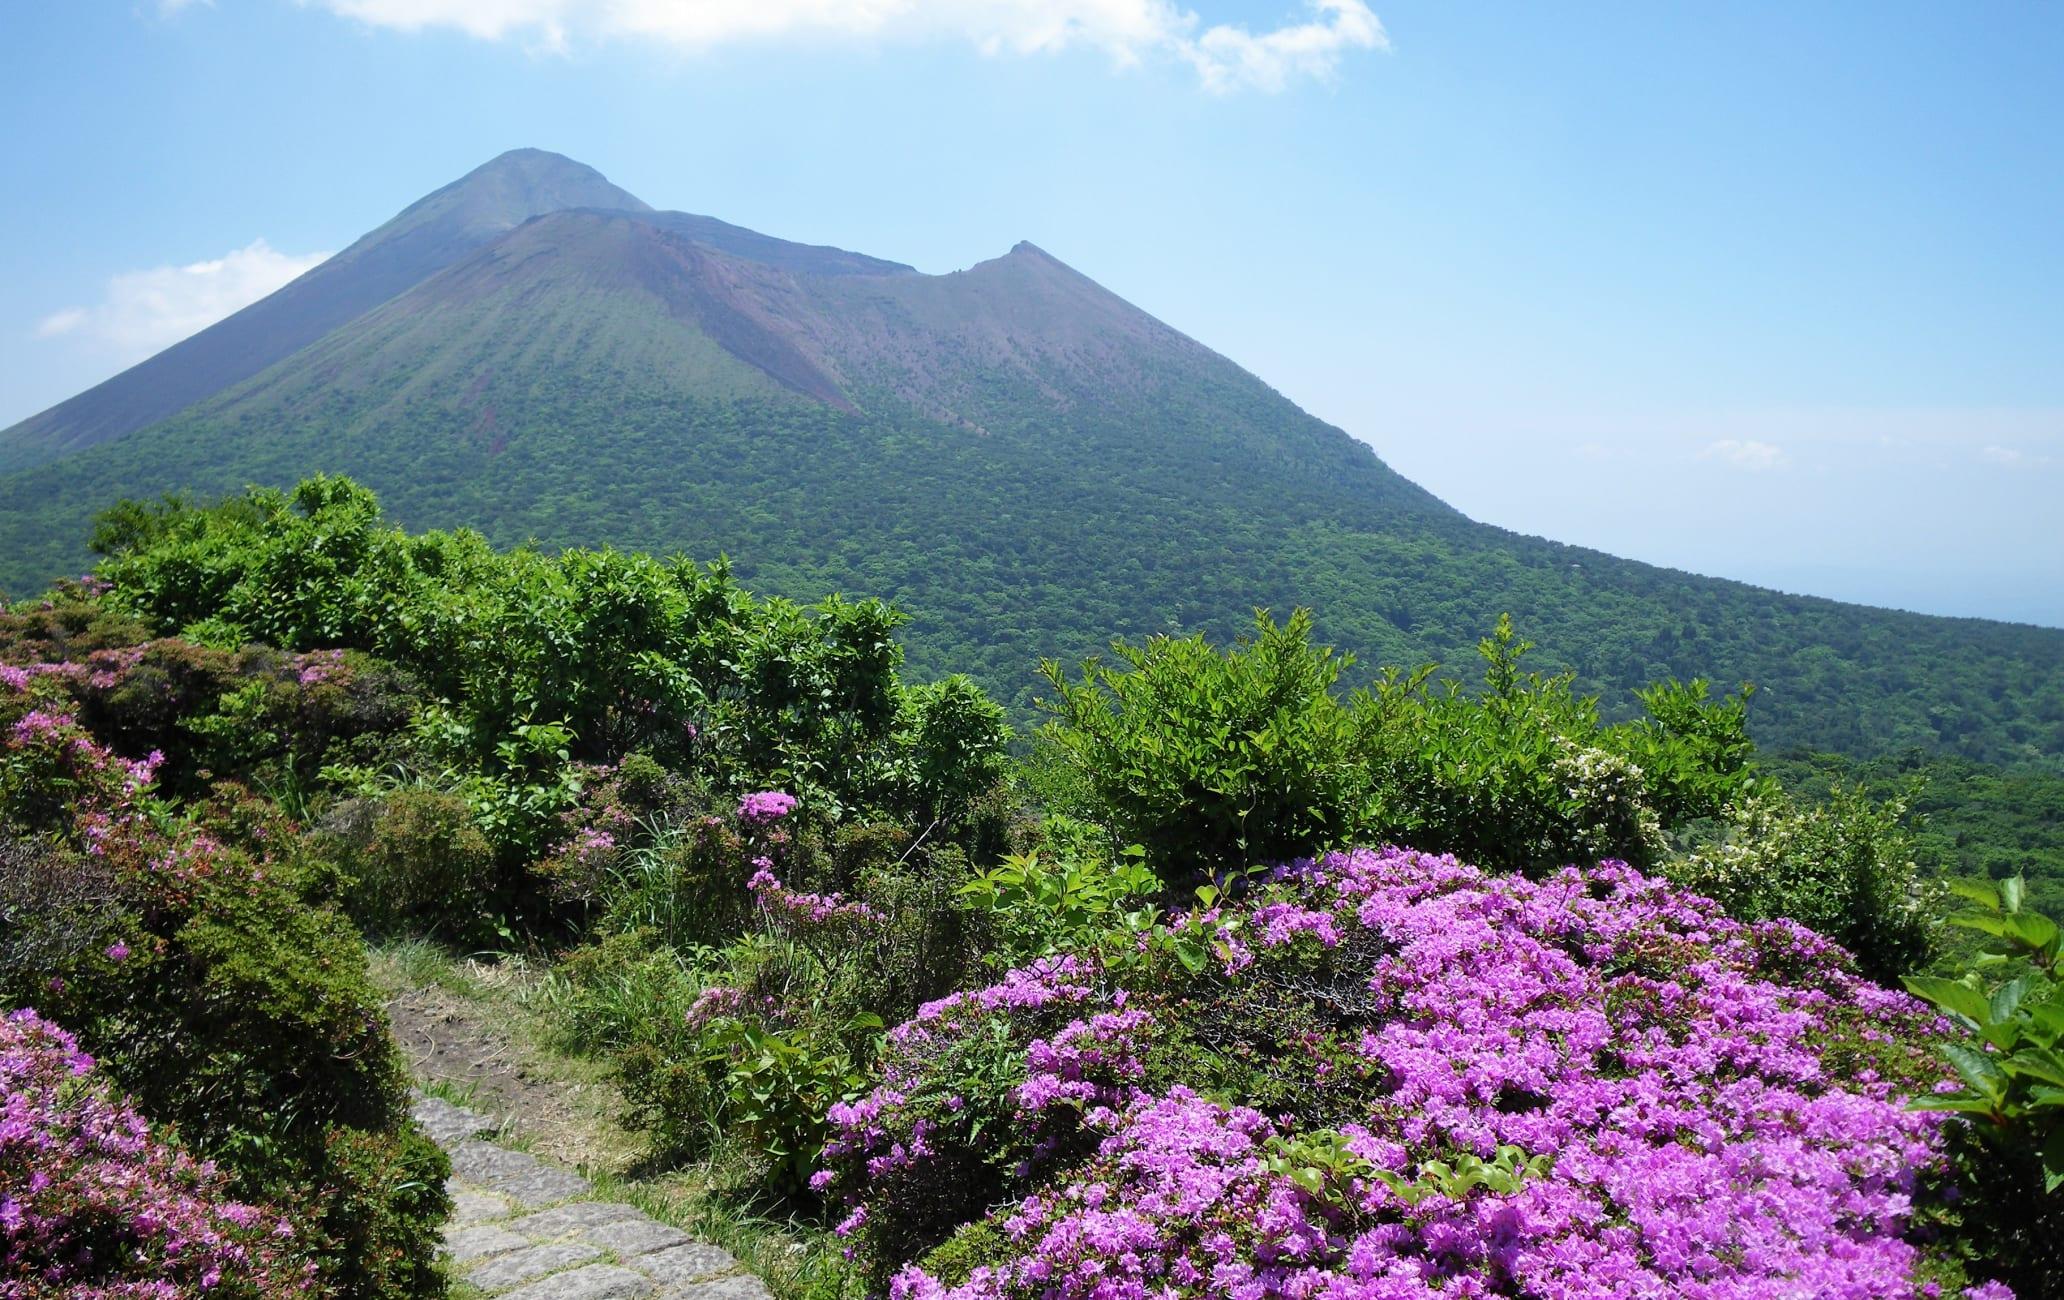 Mt. Kirishima